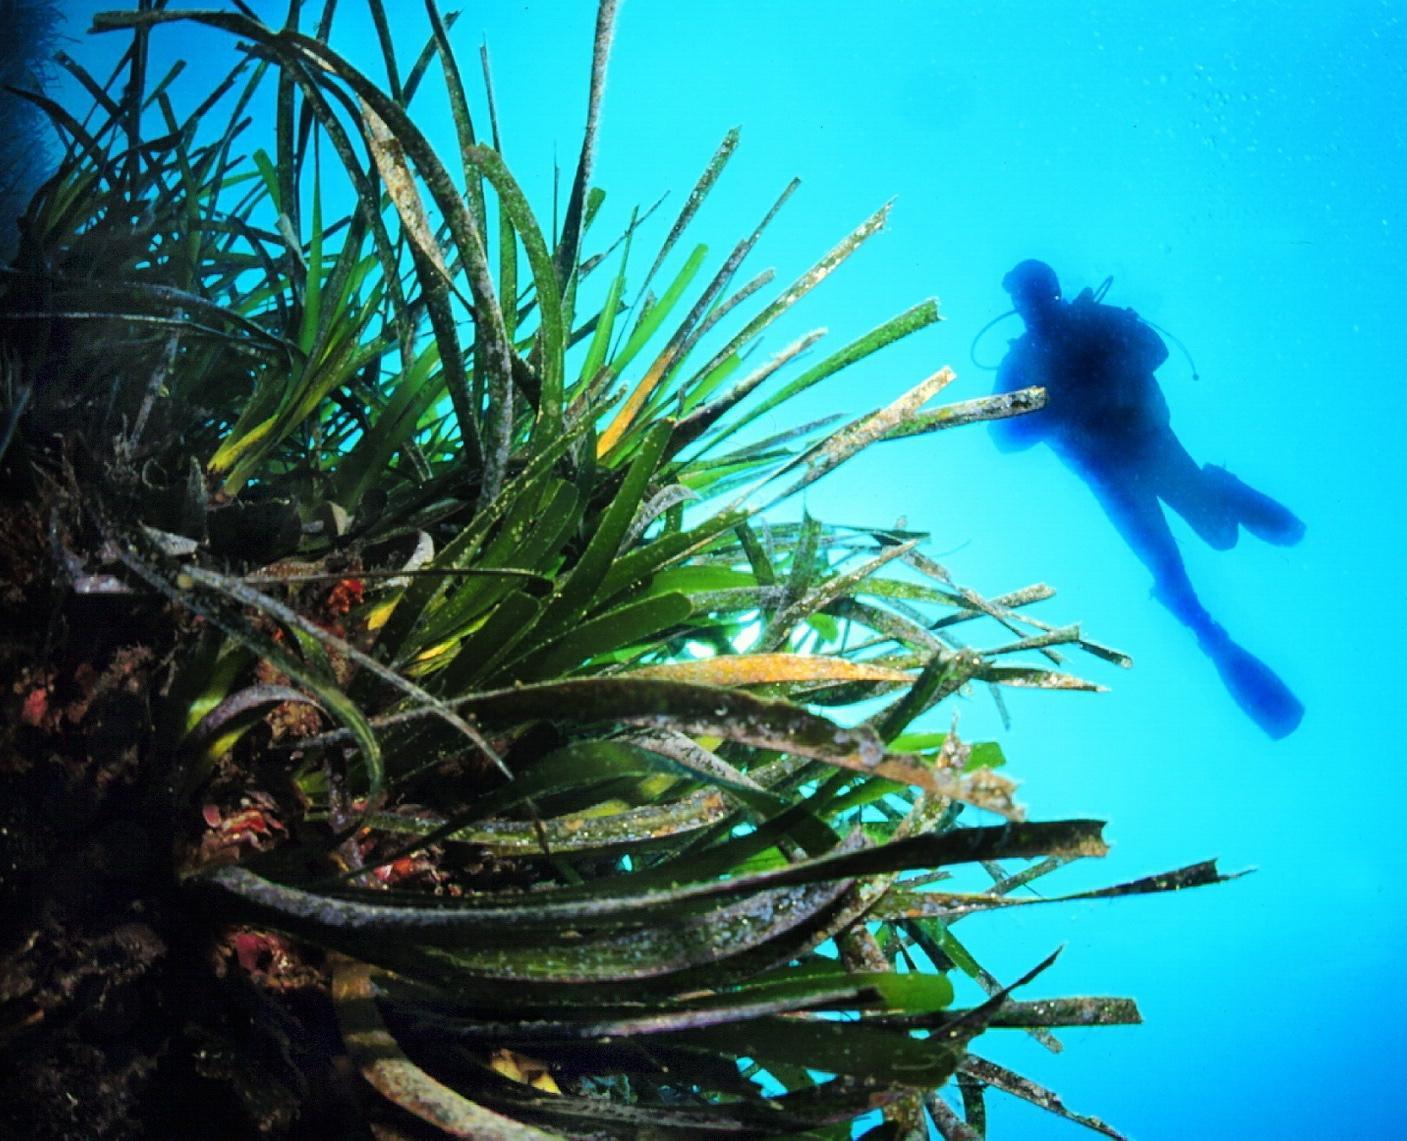 Les posidonies sont le poumon de la Méditerranée, mais ces herbiers sont menacés par les ancres des bateaux de plaisance.